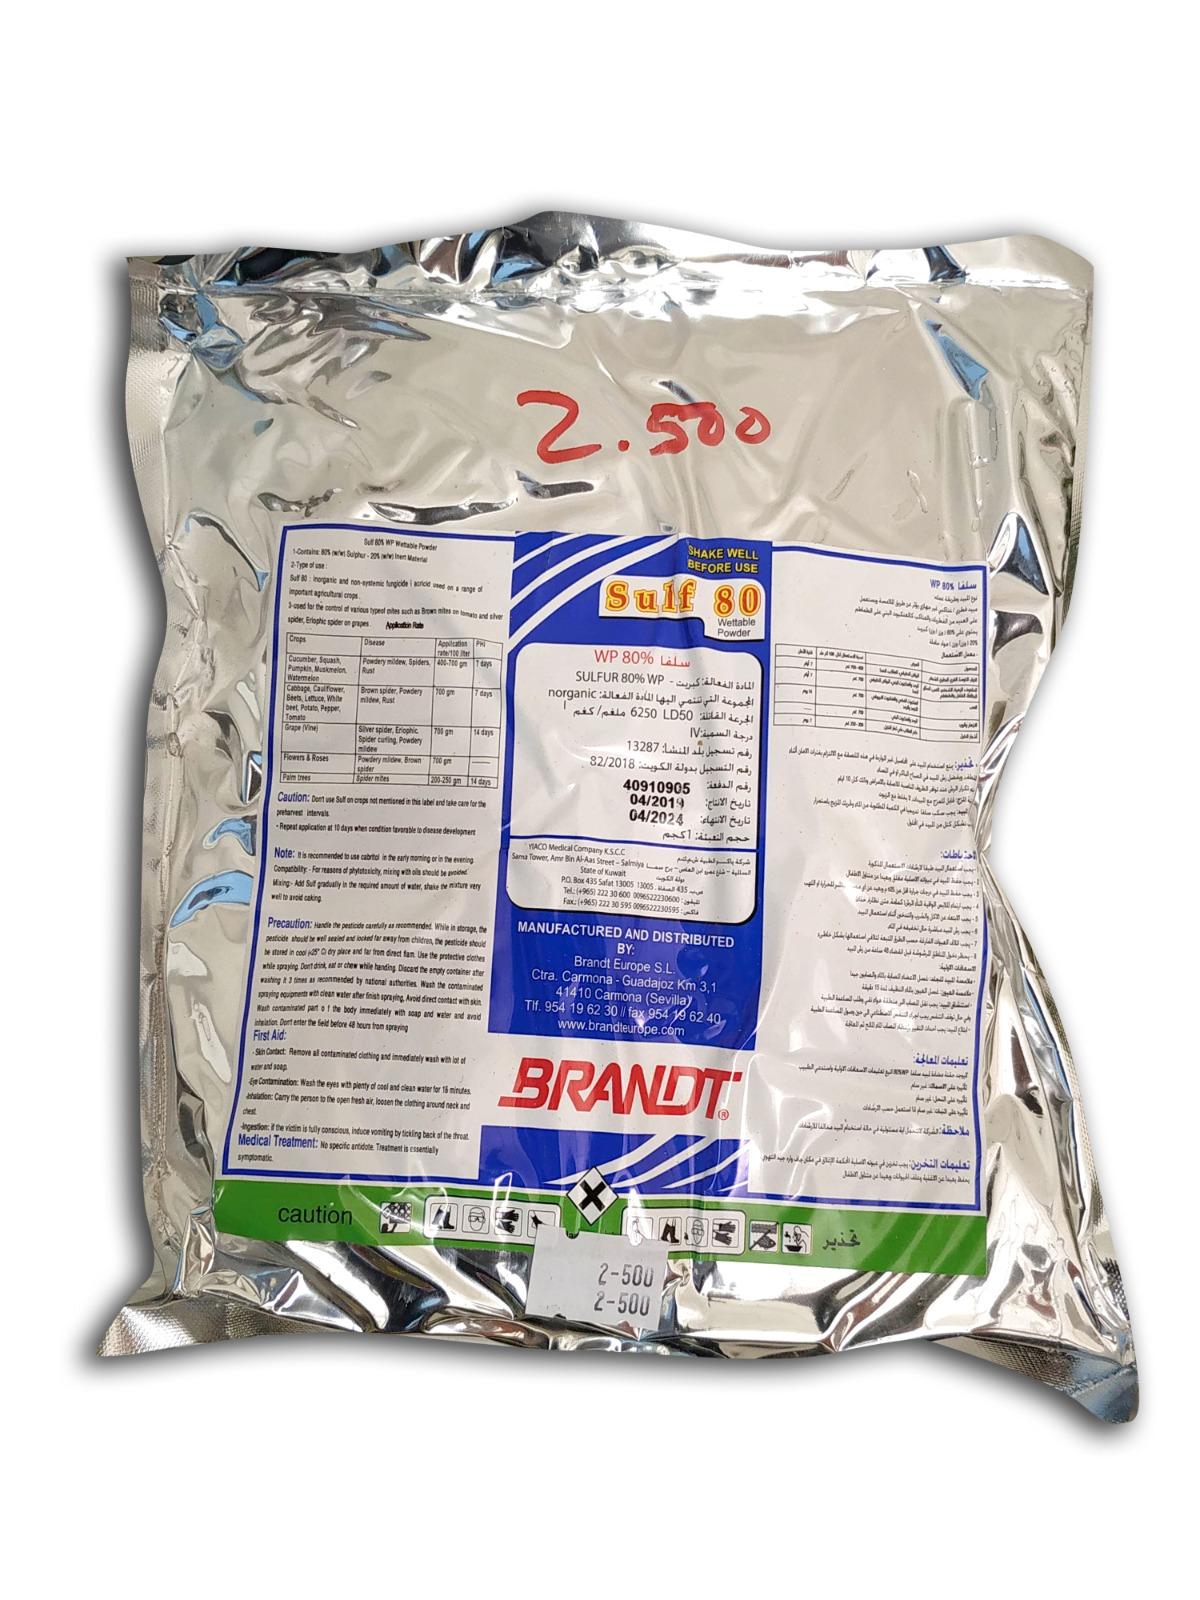 Sulfa 80% WP Soil Fertilizer Pesticide